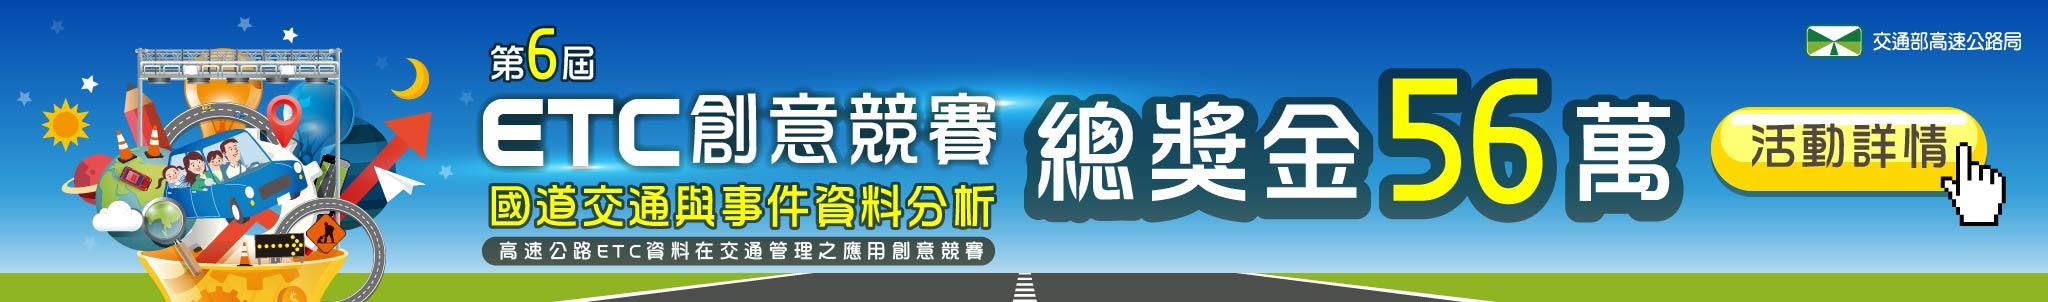 第六屆高速公路ETC資料在交通管理之應用創意競賽(另開新視窗)